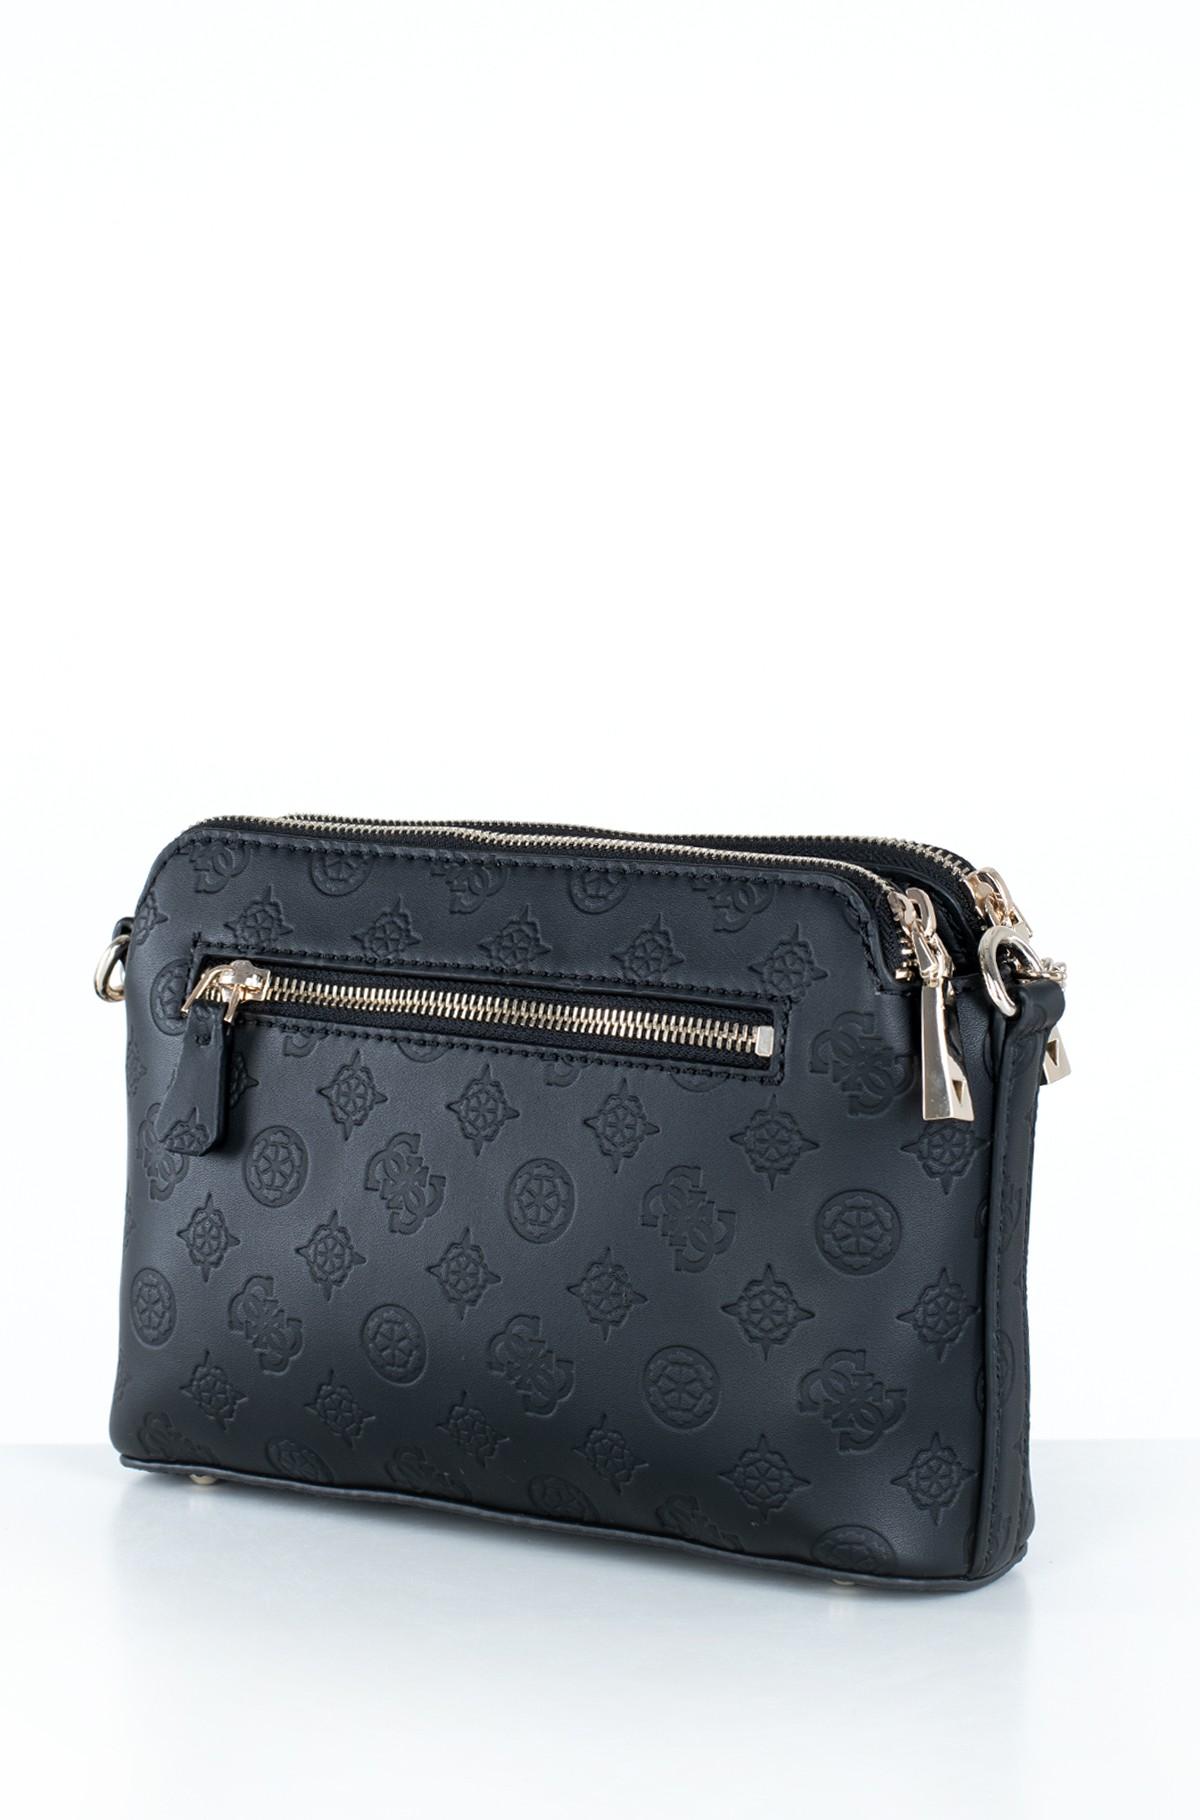 Shoulder bag HWSG78 77140-full-3